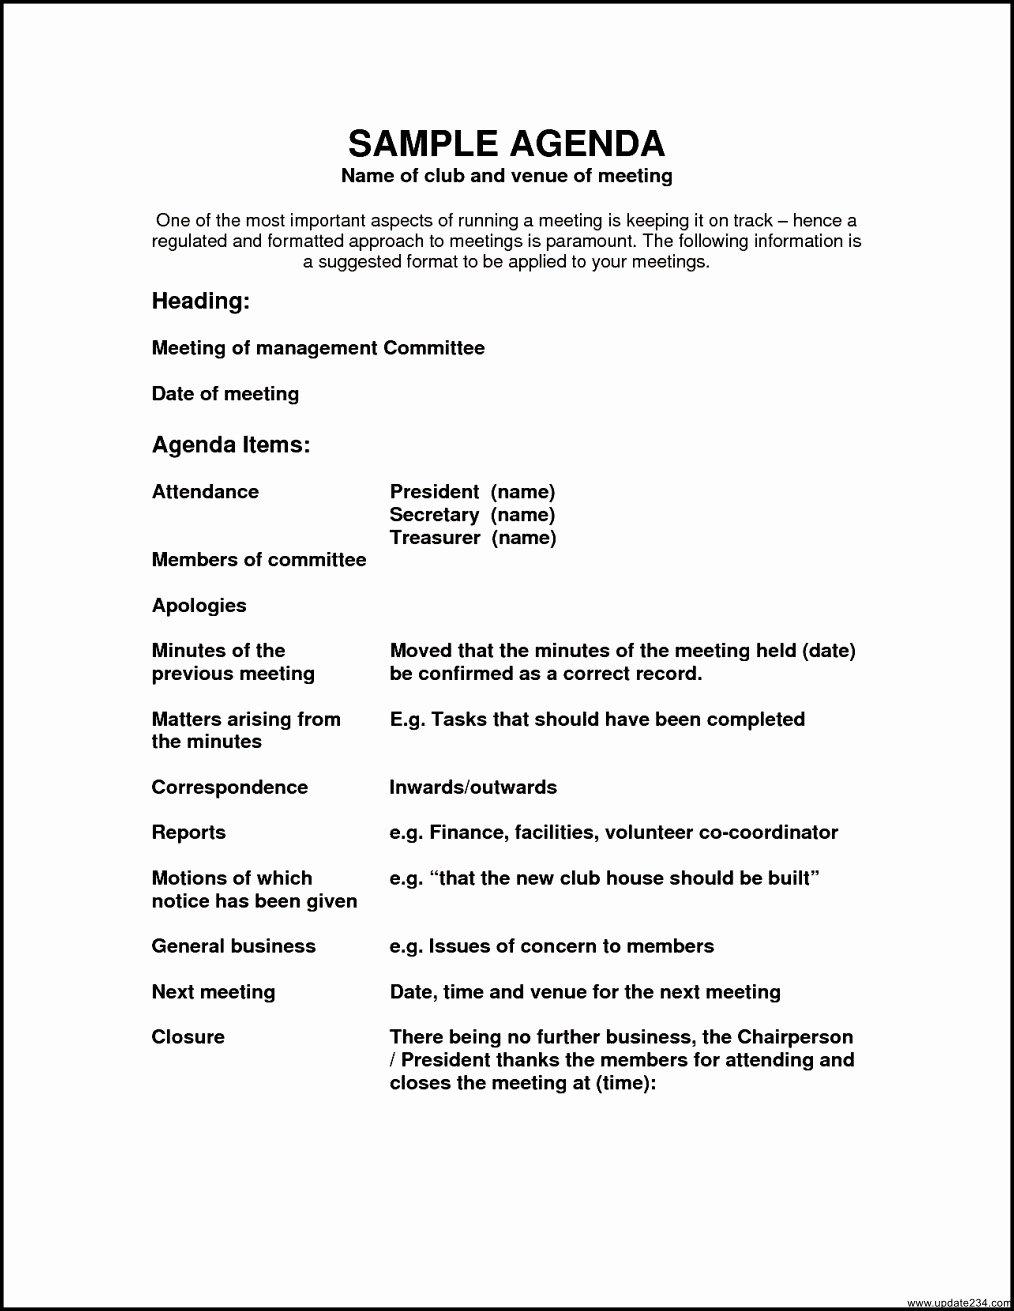 Sample Agenda Template for Meetings Elegant Sample Agenda Template Template Update234 Template